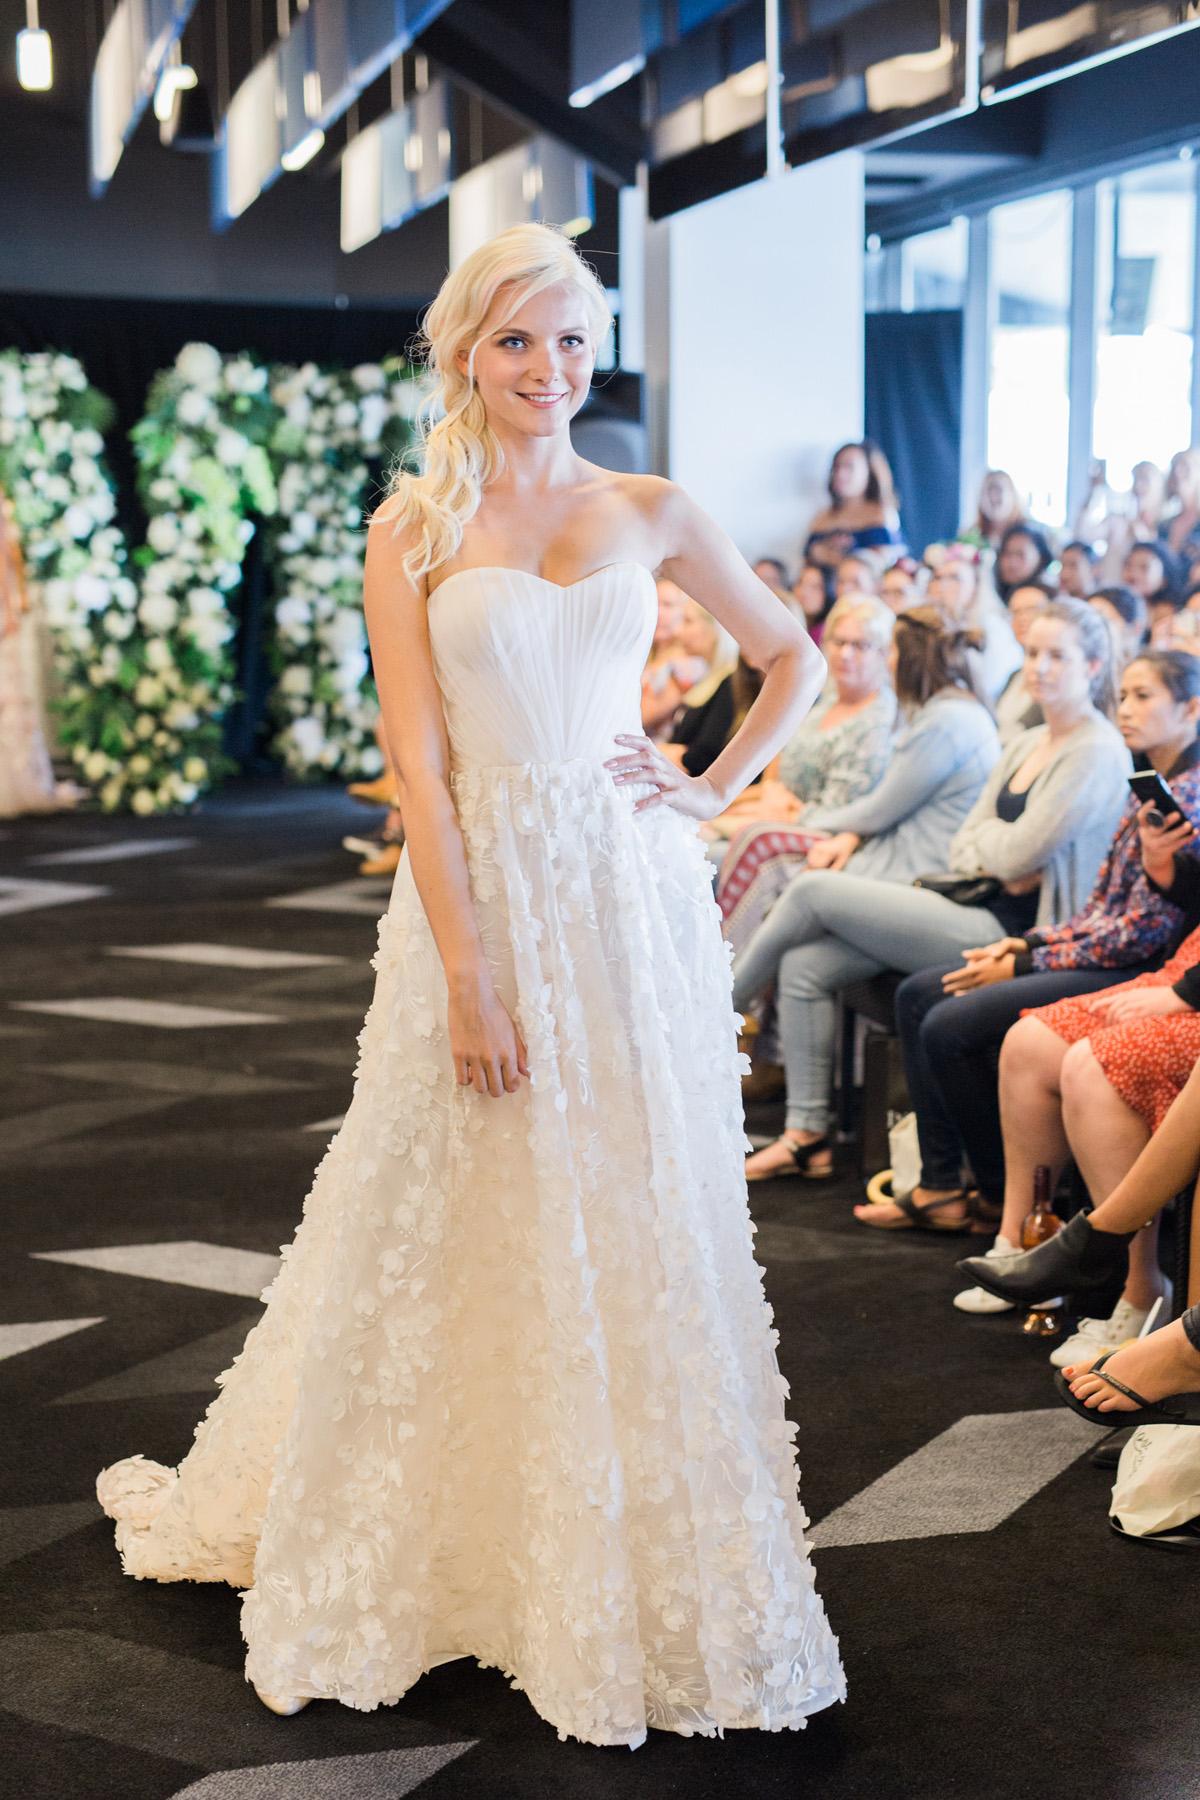 Love-Wedding-Festival-Sydney-Wedding-Gown-Angela-Osagie-24.jpg